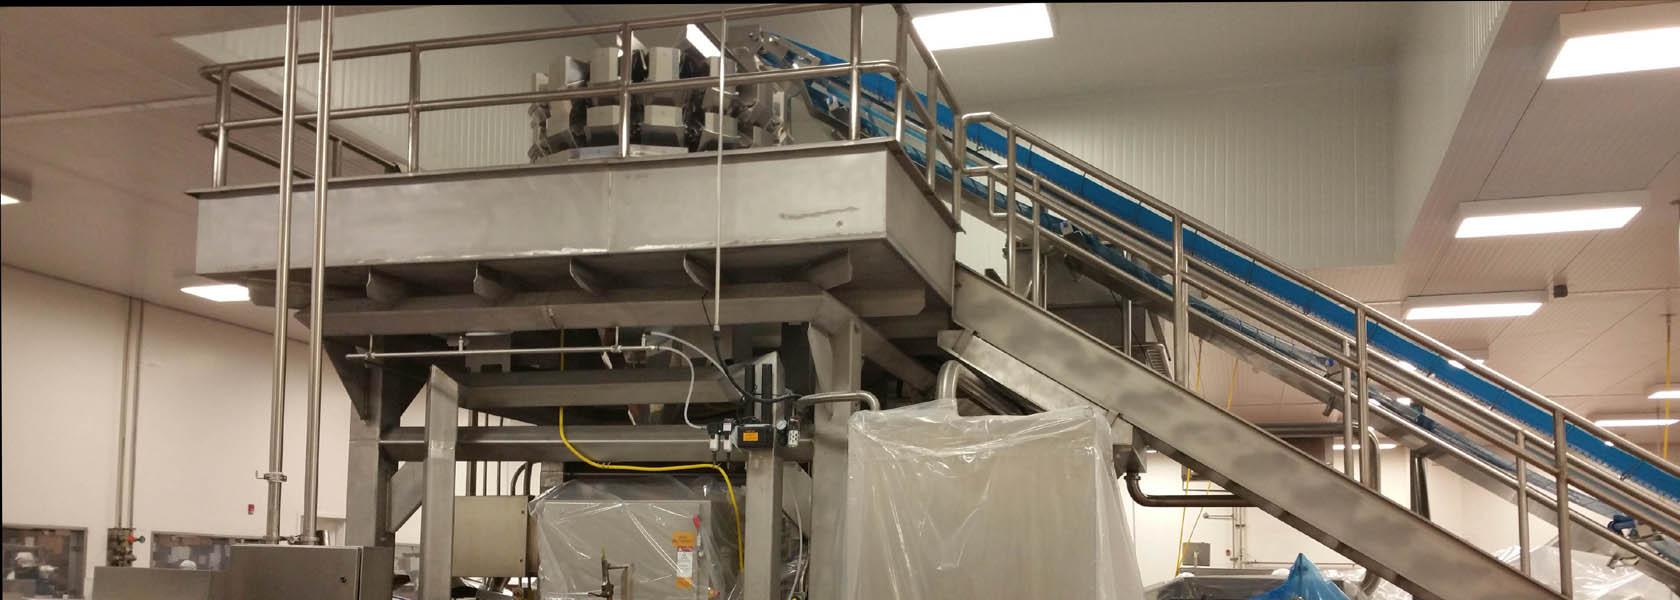 PH-Header-AMI Sanitary Platform-004.jpg